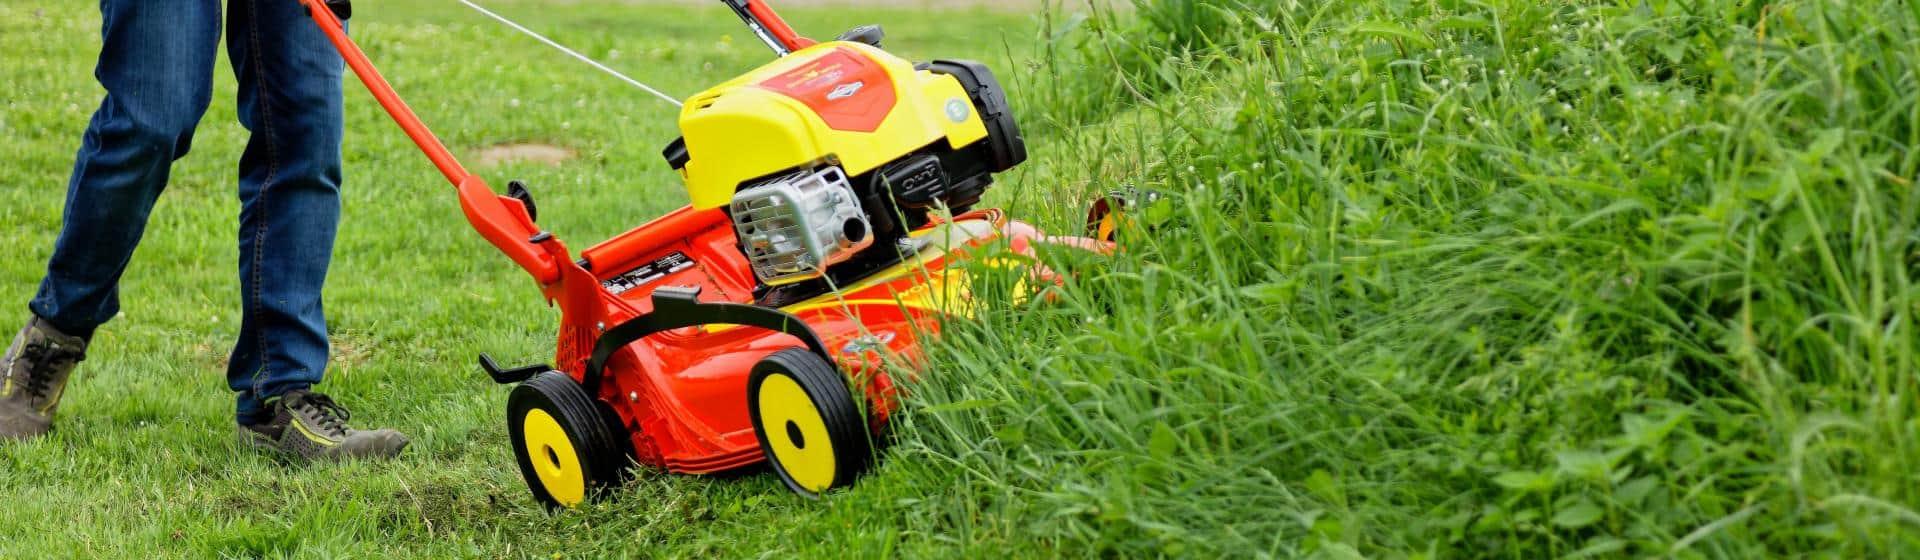 tondeuses á gazon thermique pour la pelouse